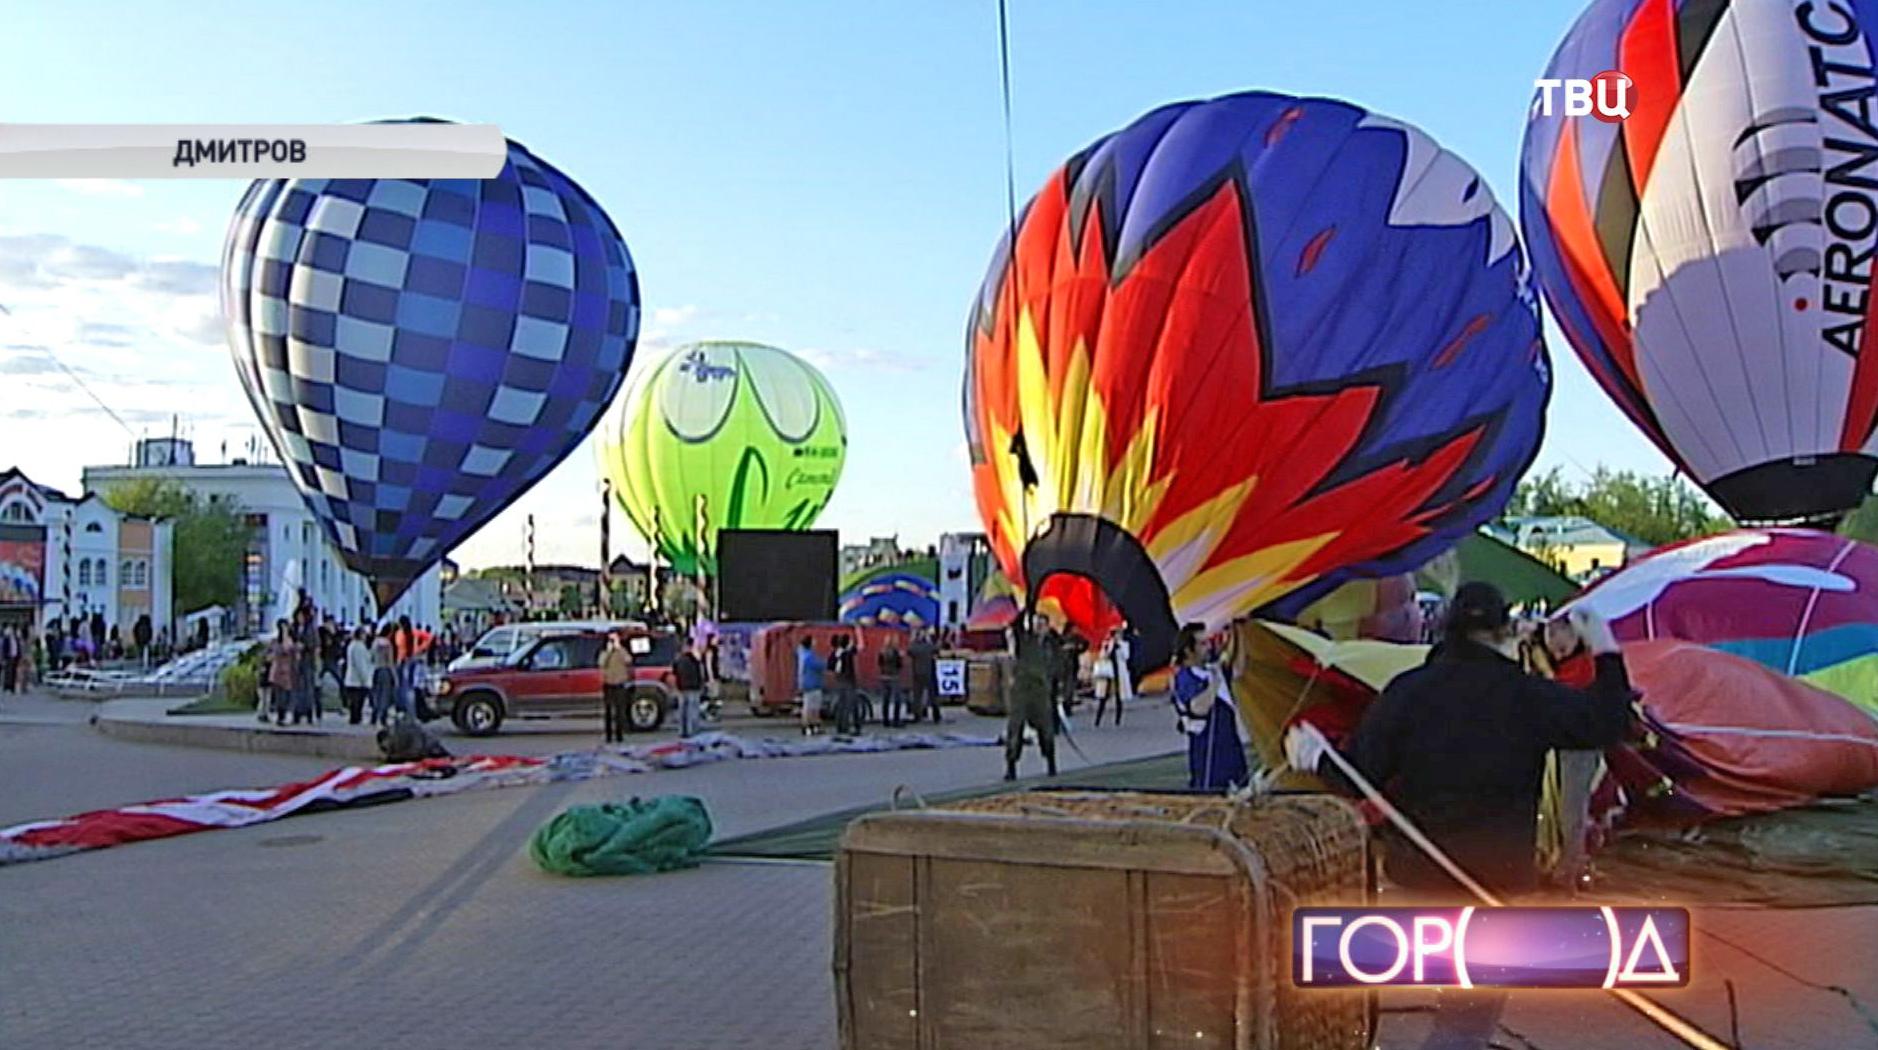 Ежегодный чемпионат Московской области по воздухоплавательному спорту в Дмитрове